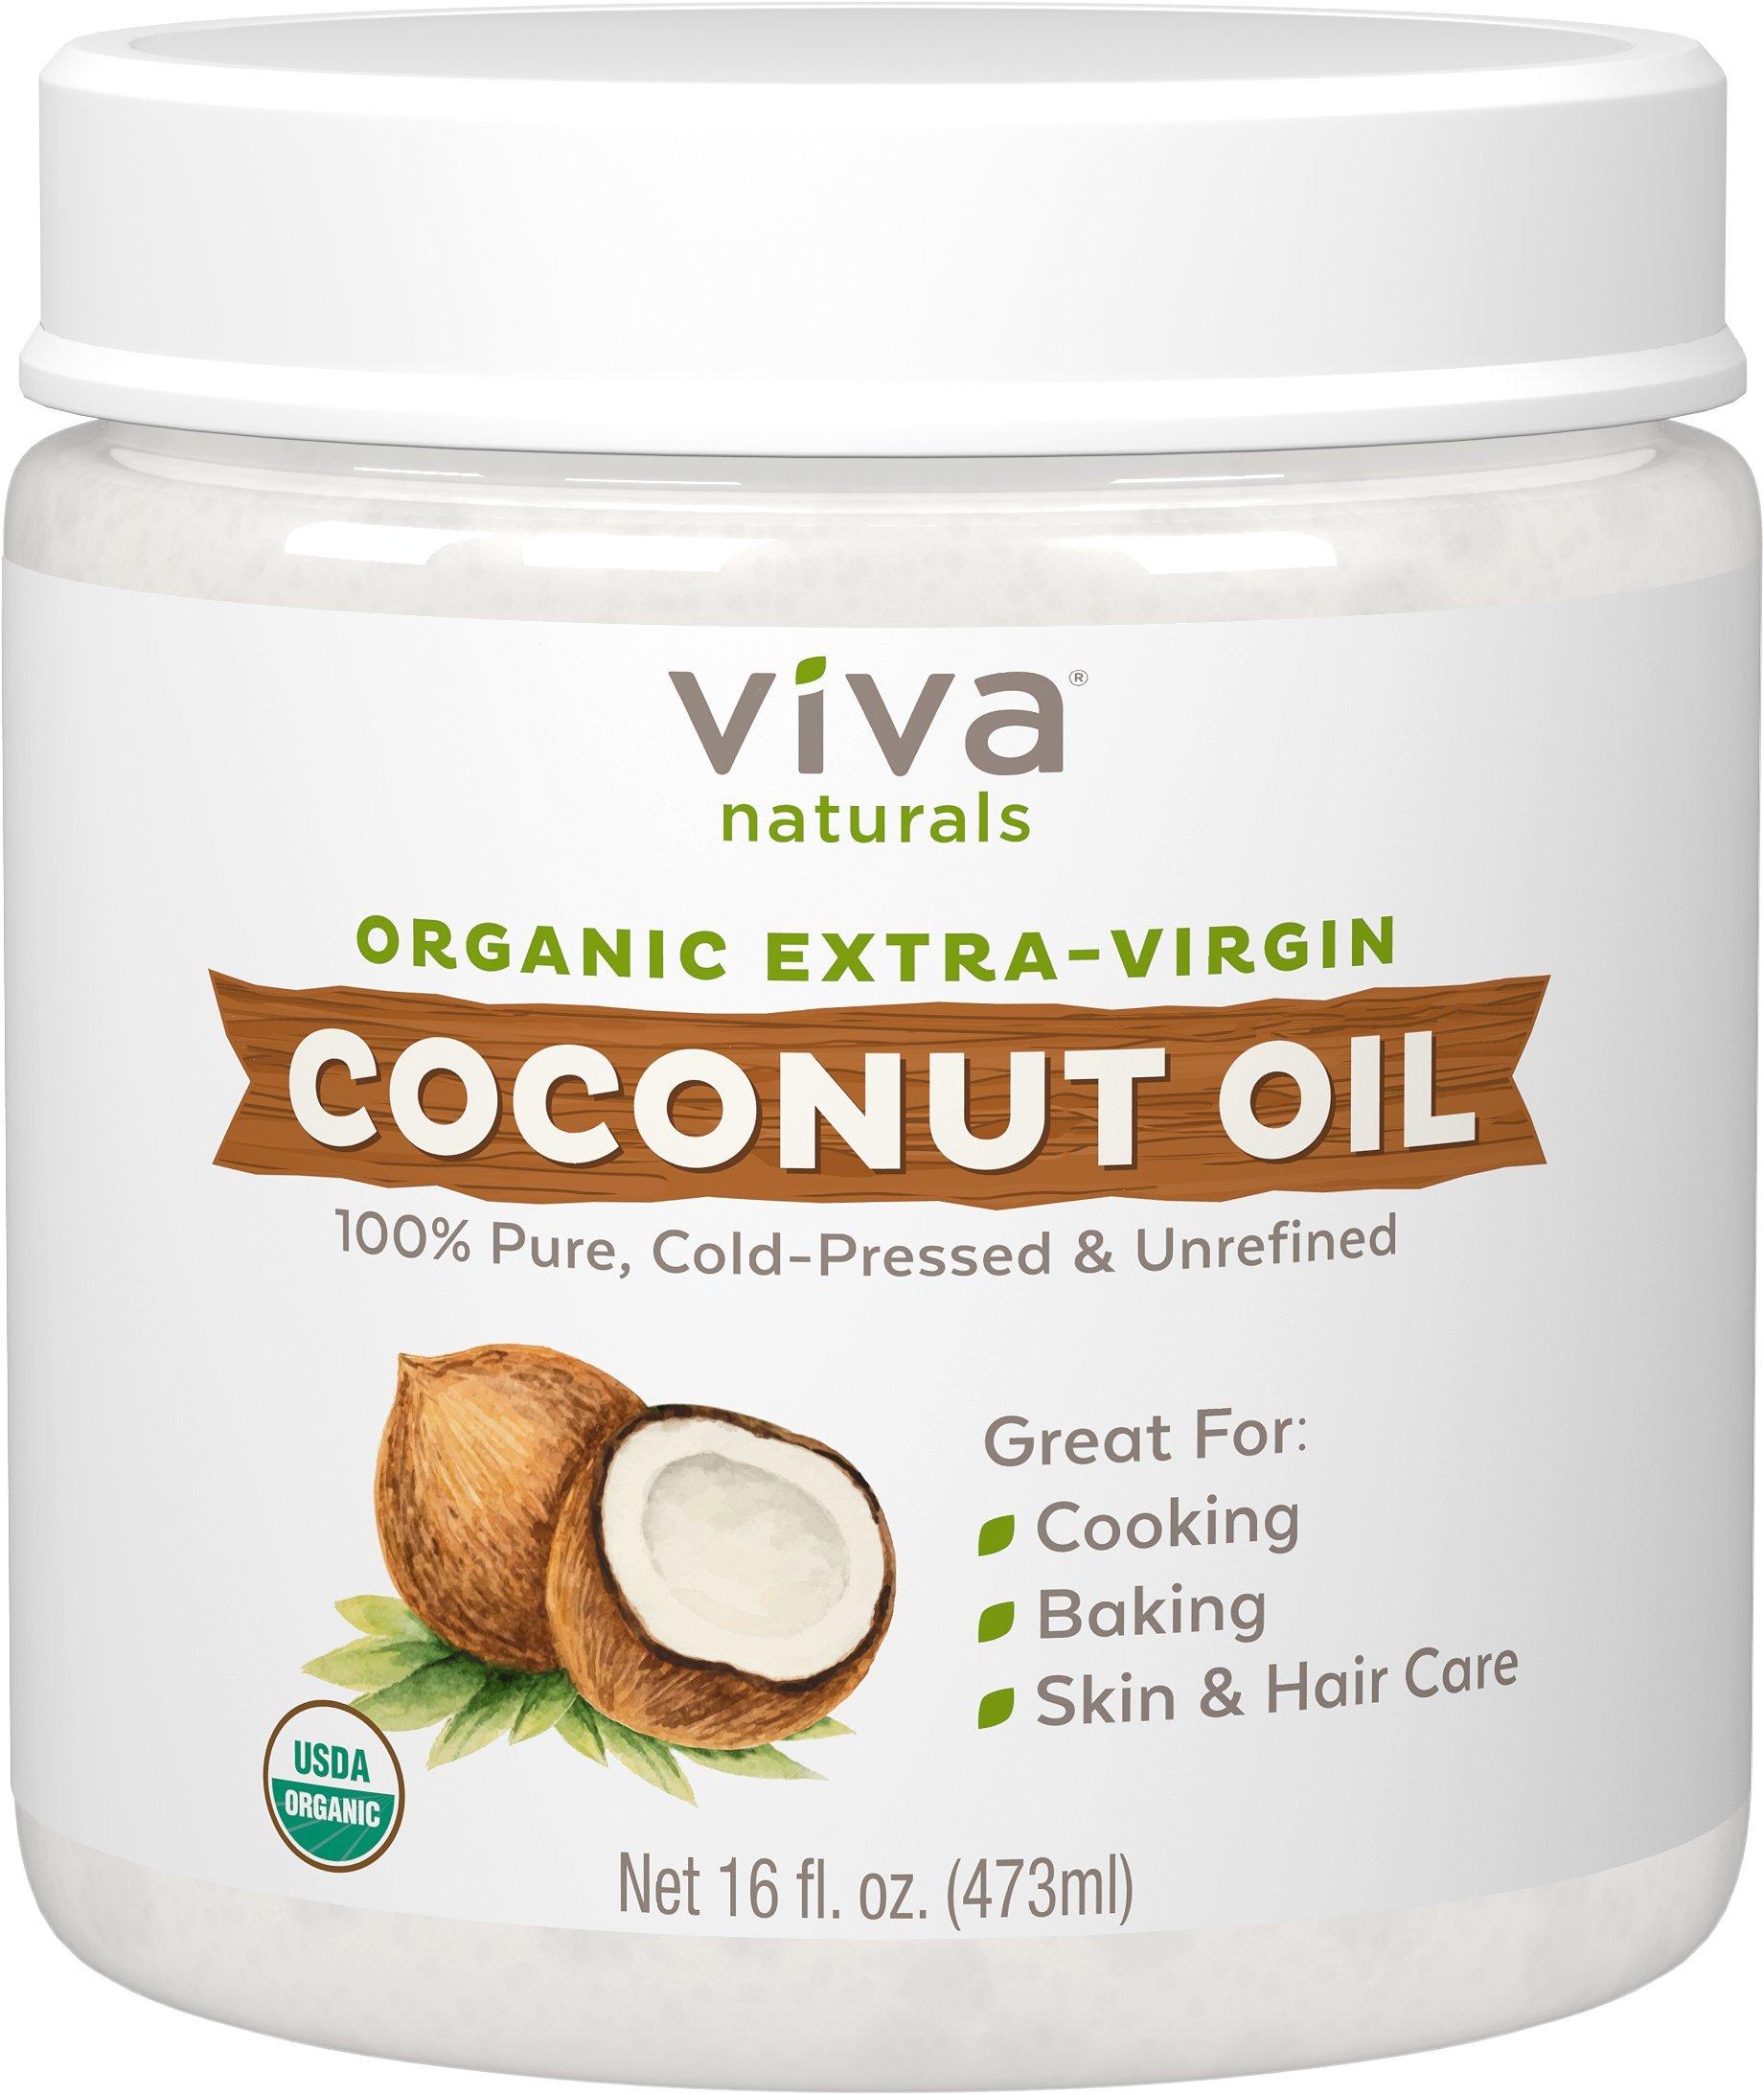 Viva Naturals Organic Extra Virgin Coconut Oil, 16 Ounce by Viva Naturals